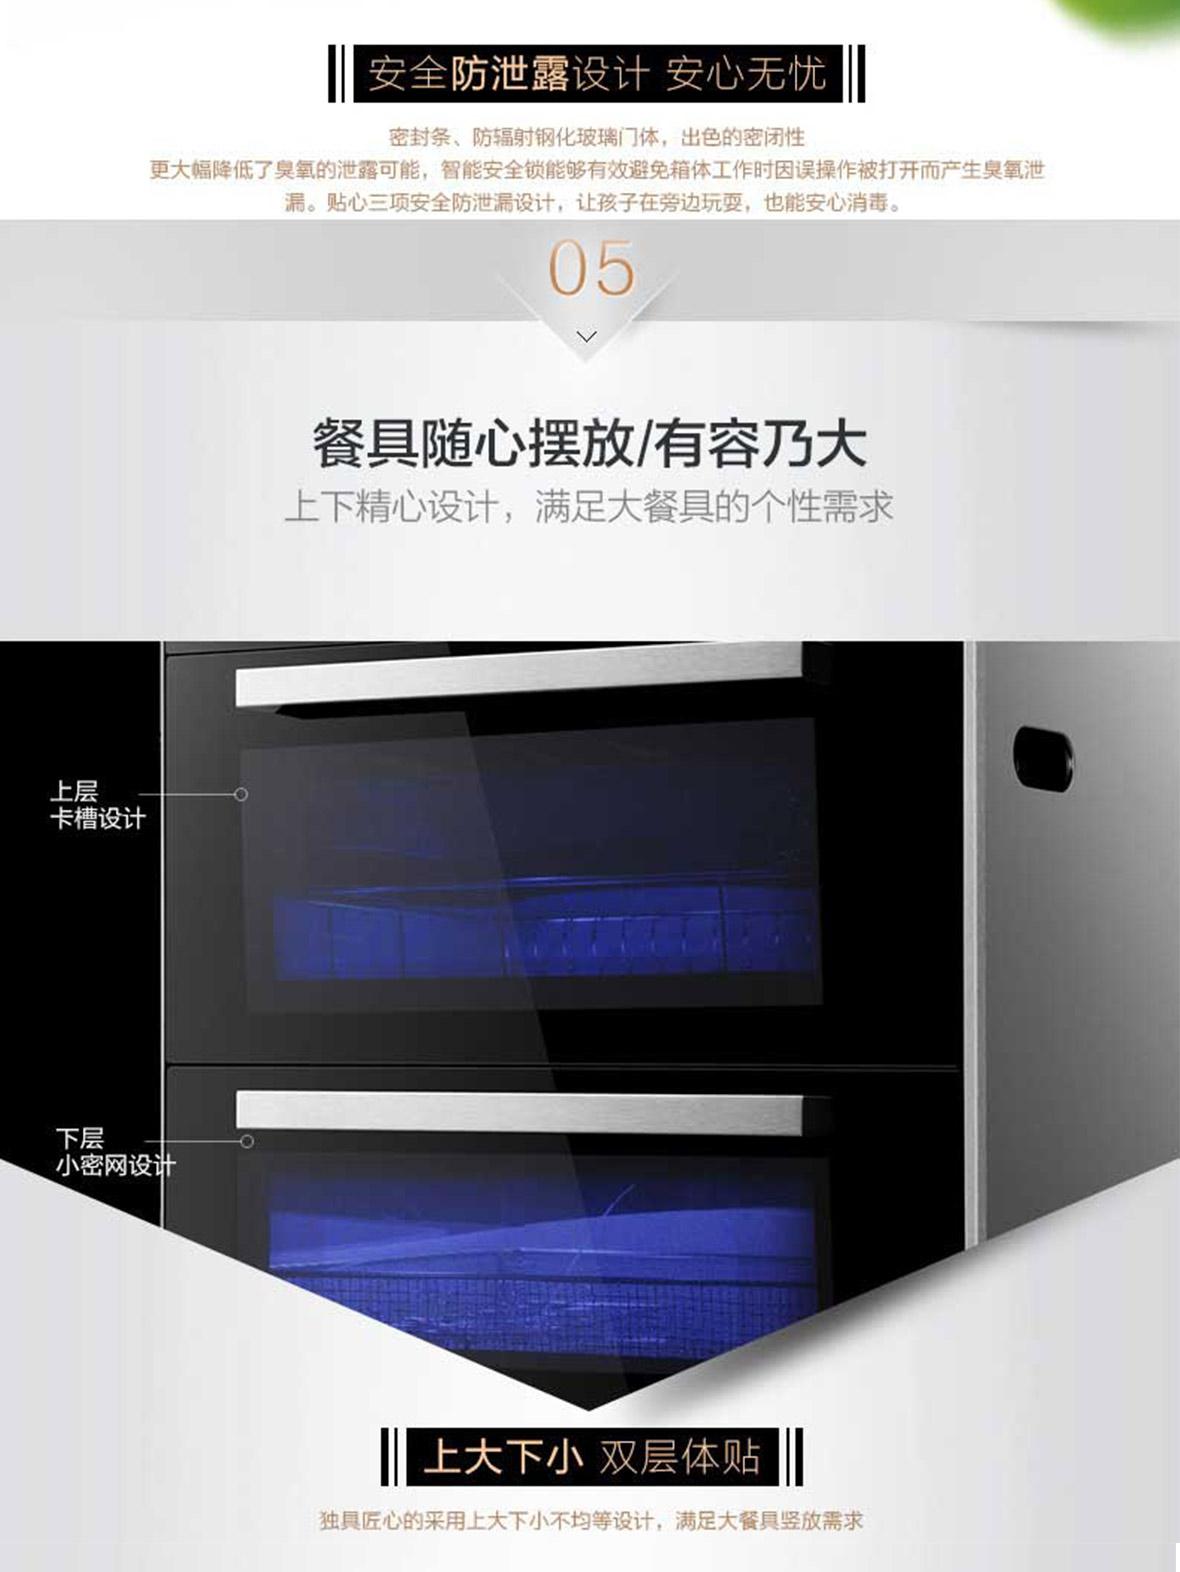 方太消毒柜 镶嵌式  ZTD-100F-WH2型号 紫外线消毒